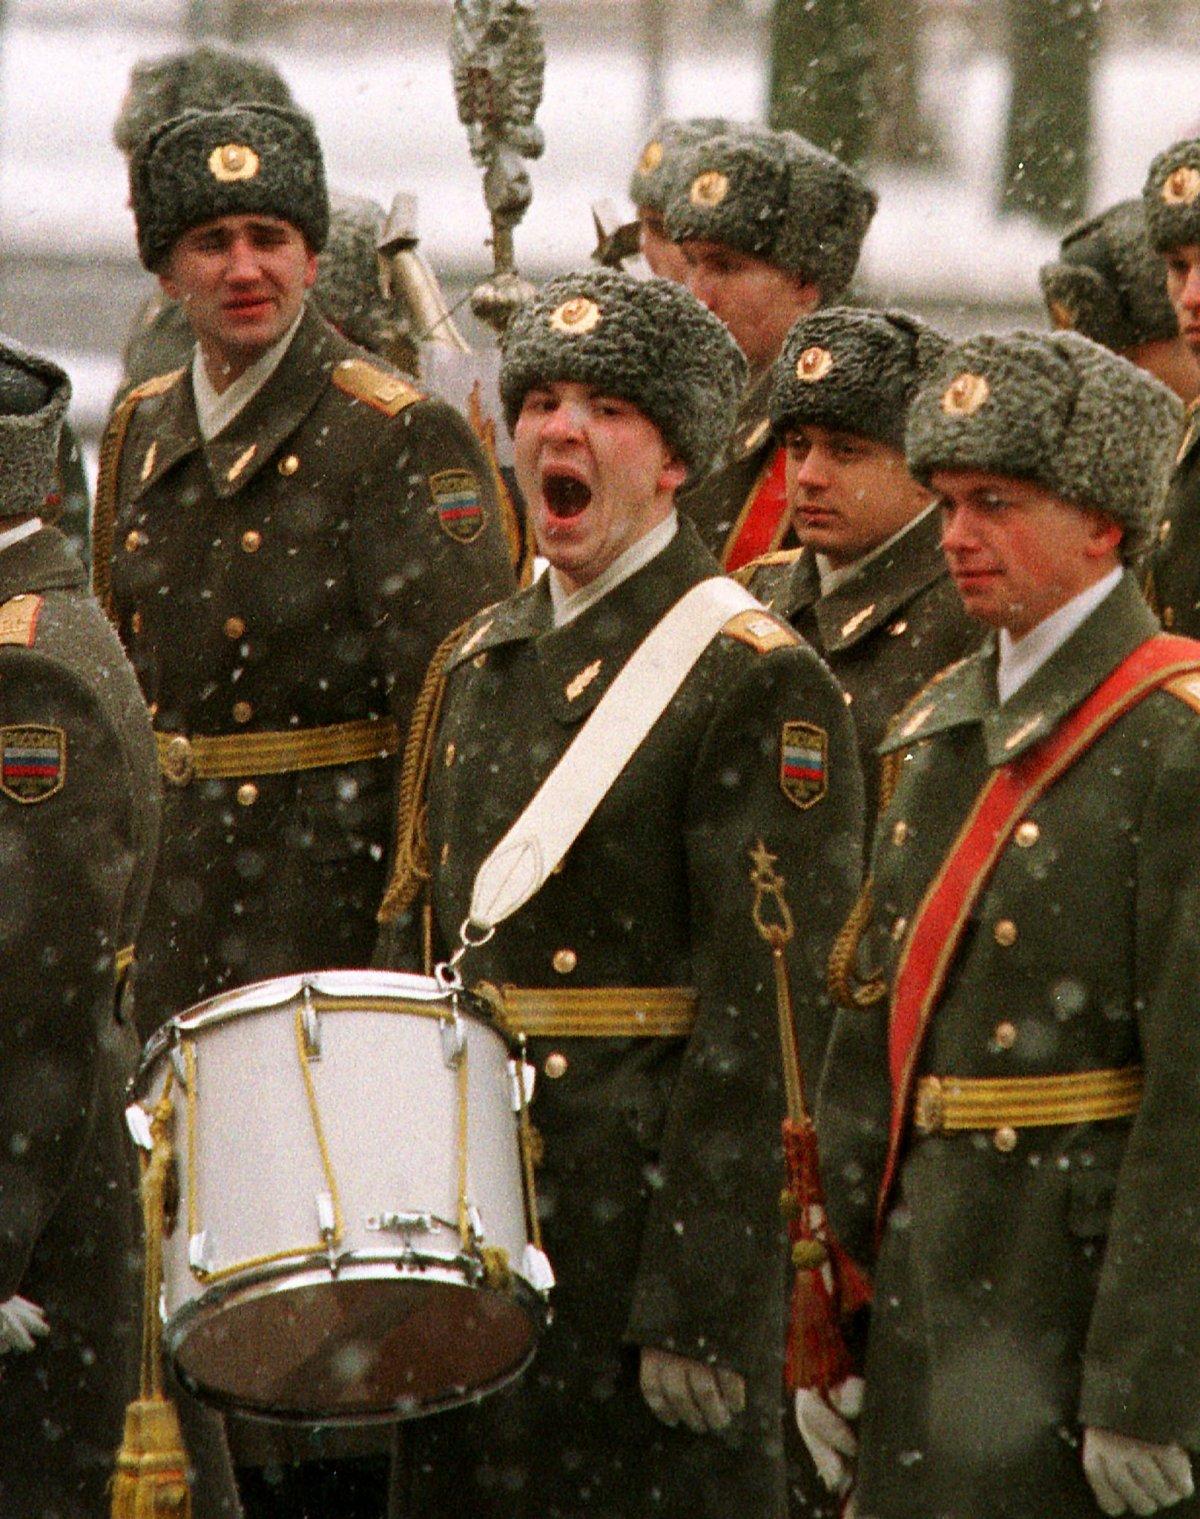 Reuters / Un soldato russo, membro dell'orchestra militare, sbadiglia prima della cerimonia per il Milite Ignoto, gennaio 1999.